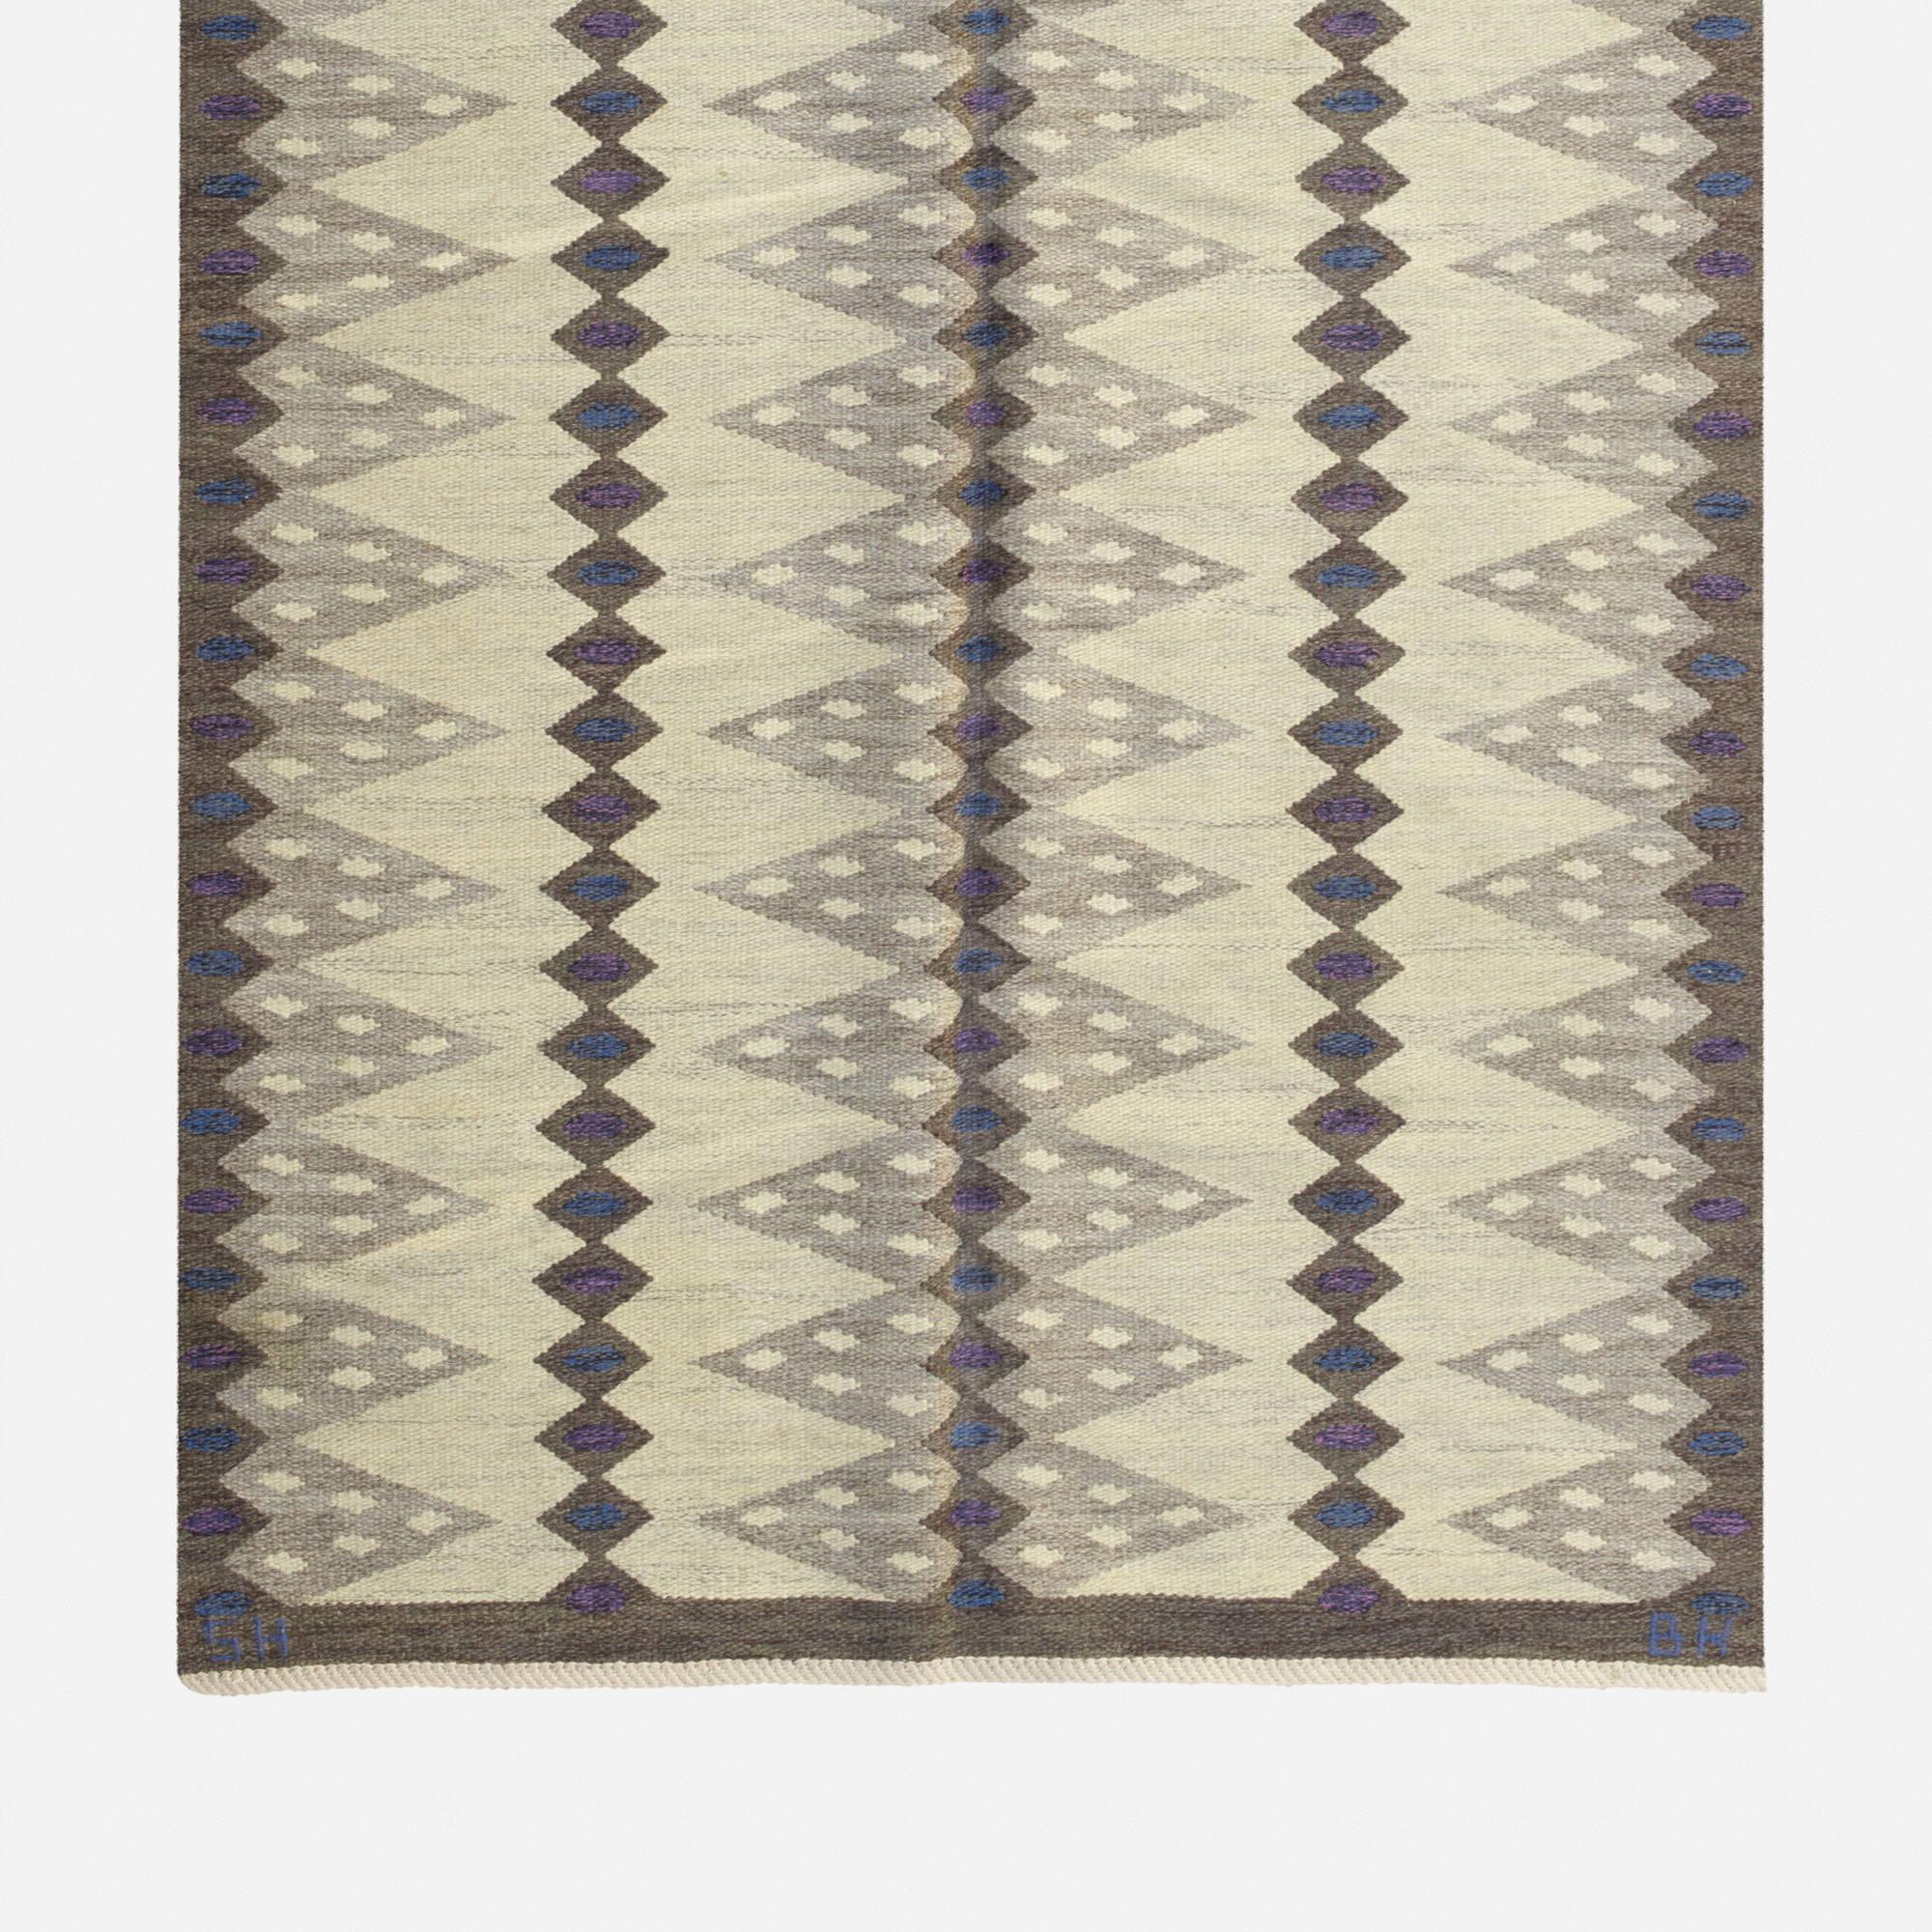 243: Berit Koenig / flatweave carpet (2 of 2)